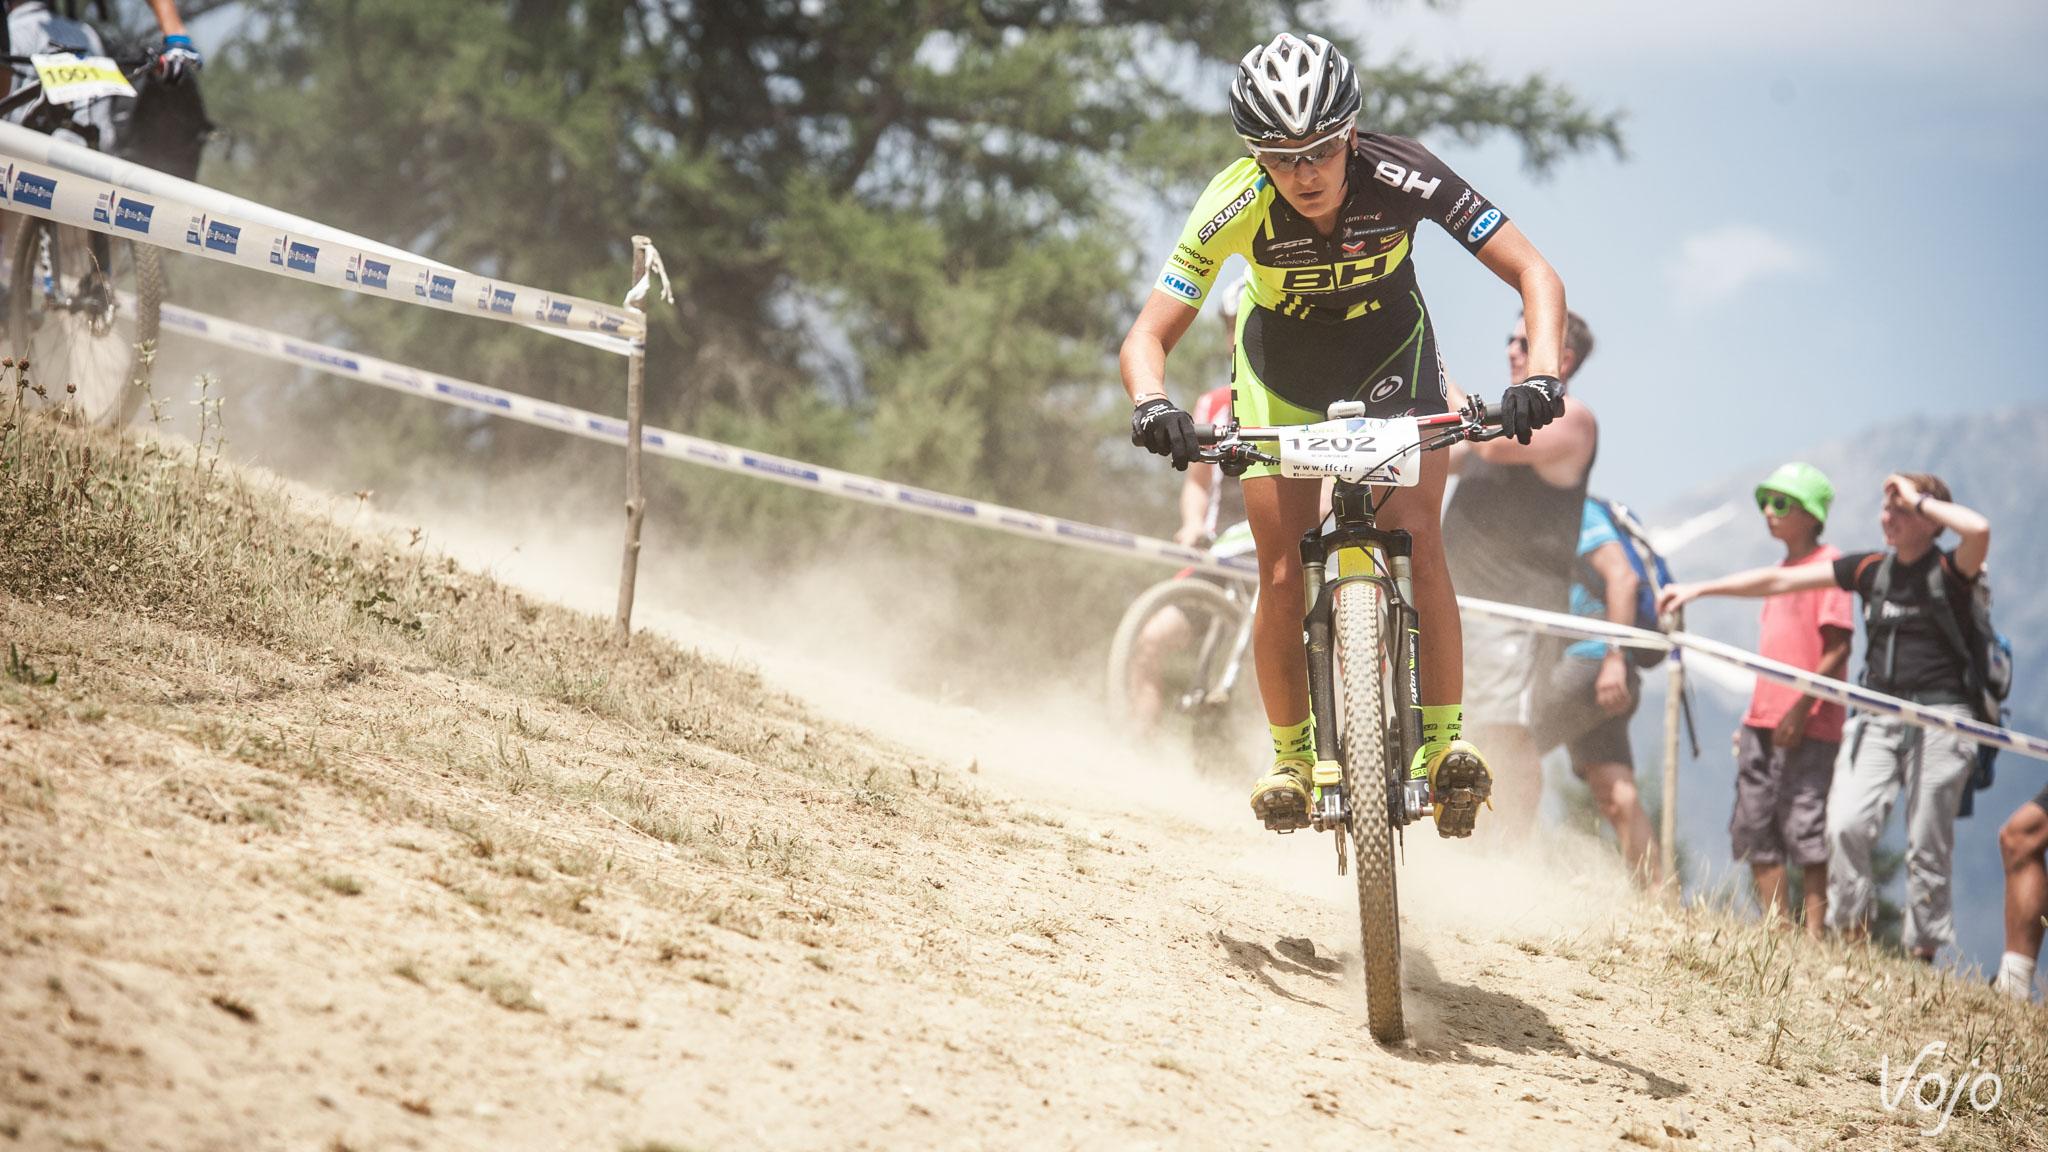 Championnats-de-france-2015-Oz-XC-Espoirs-finale-39